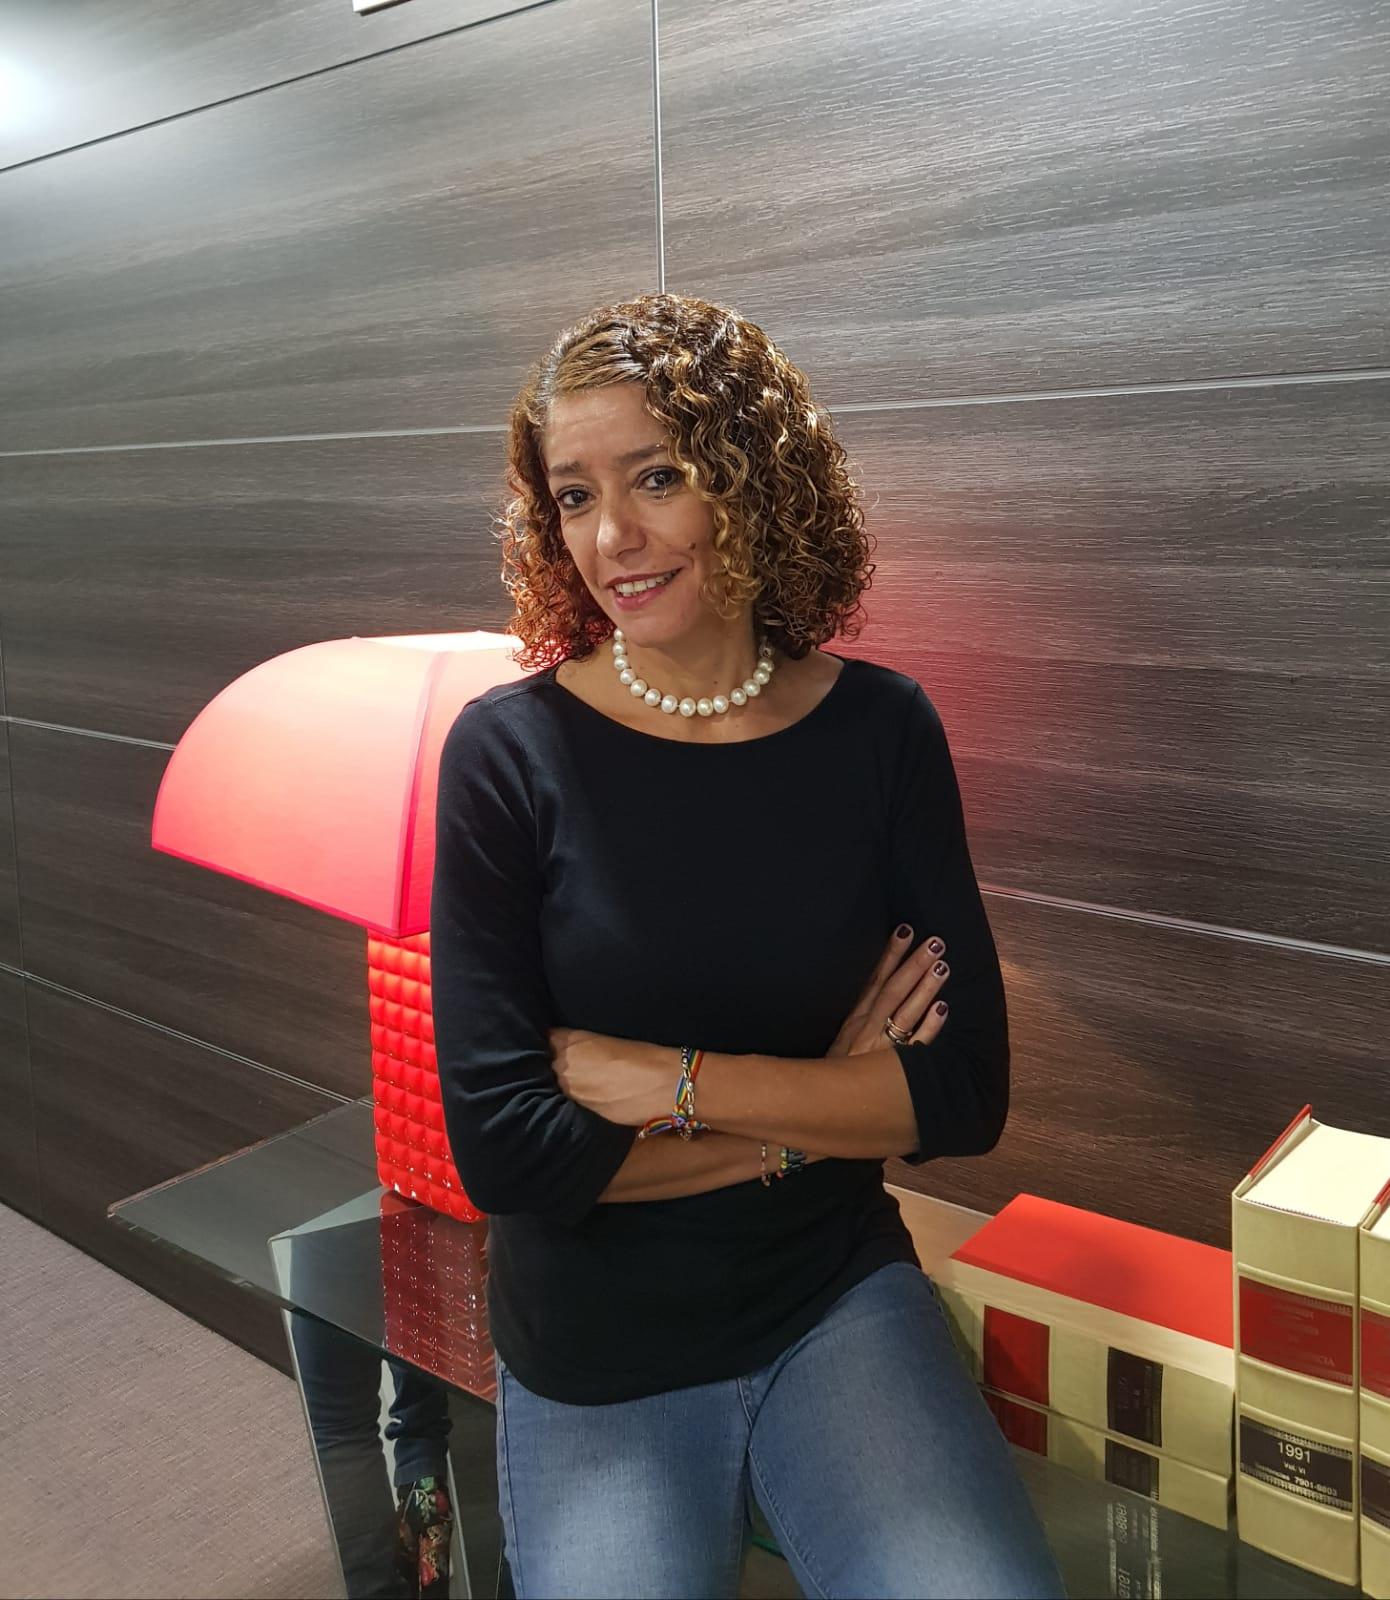 La abogada del grupo de XTF-NC en el caso Grúas, Sandra Roddríguez. DA